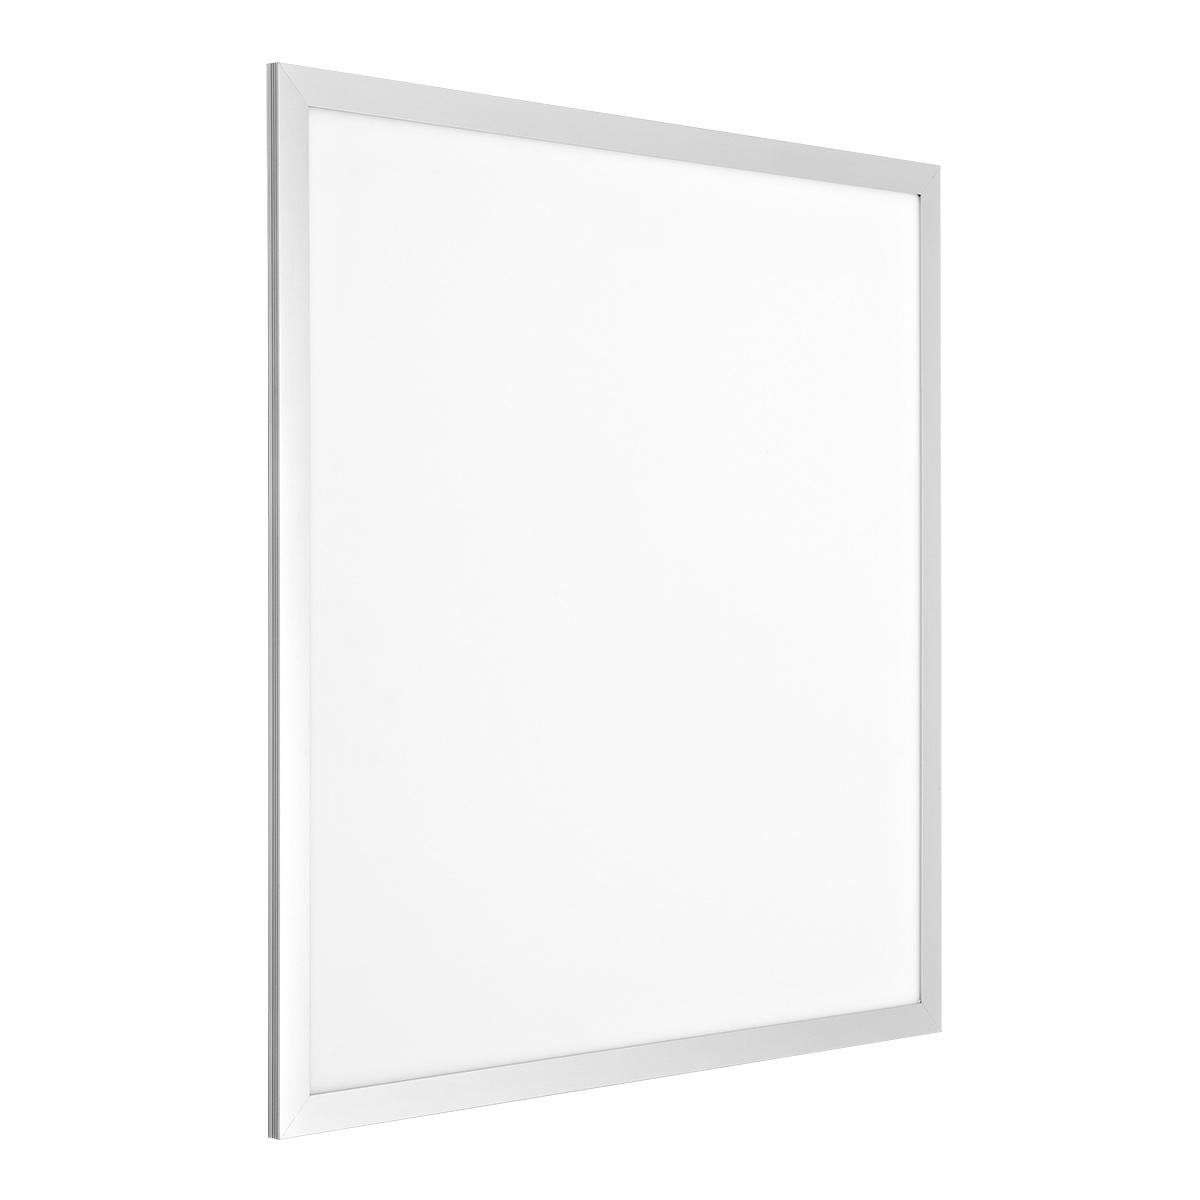 Панель светодиодная Mayak-ledСветильники офисные, промышленные<br>Назначение светильника: офисный,<br>Тип лампы: светодиодная,<br>Мощность: 40,<br>Патрон: LED,<br>Степень защиты от пыли и влаги: IP 20,<br>Цвет: белый,<br>Длина (мм): 595,<br>Ширина: 595,<br>Высота: 10<br>